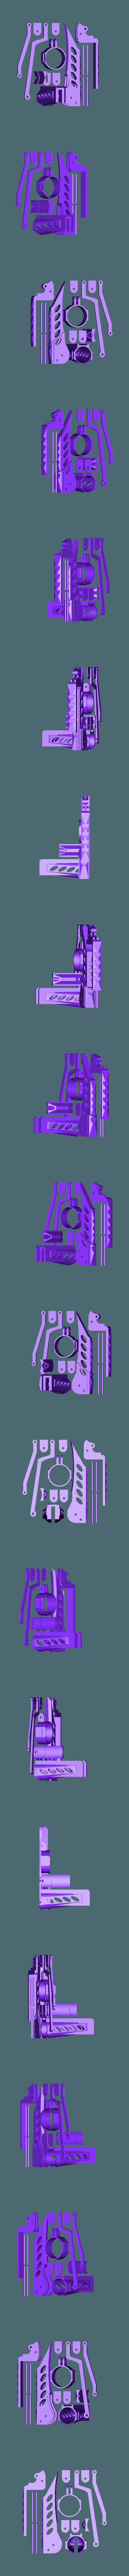 Large thumb plate.stl Télécharger fichier STL Doigts et pouces de robot et MISE À JOUR avec parties de doigts plus longues 3 tailles • Design à imprimer en 3D, LittleTup